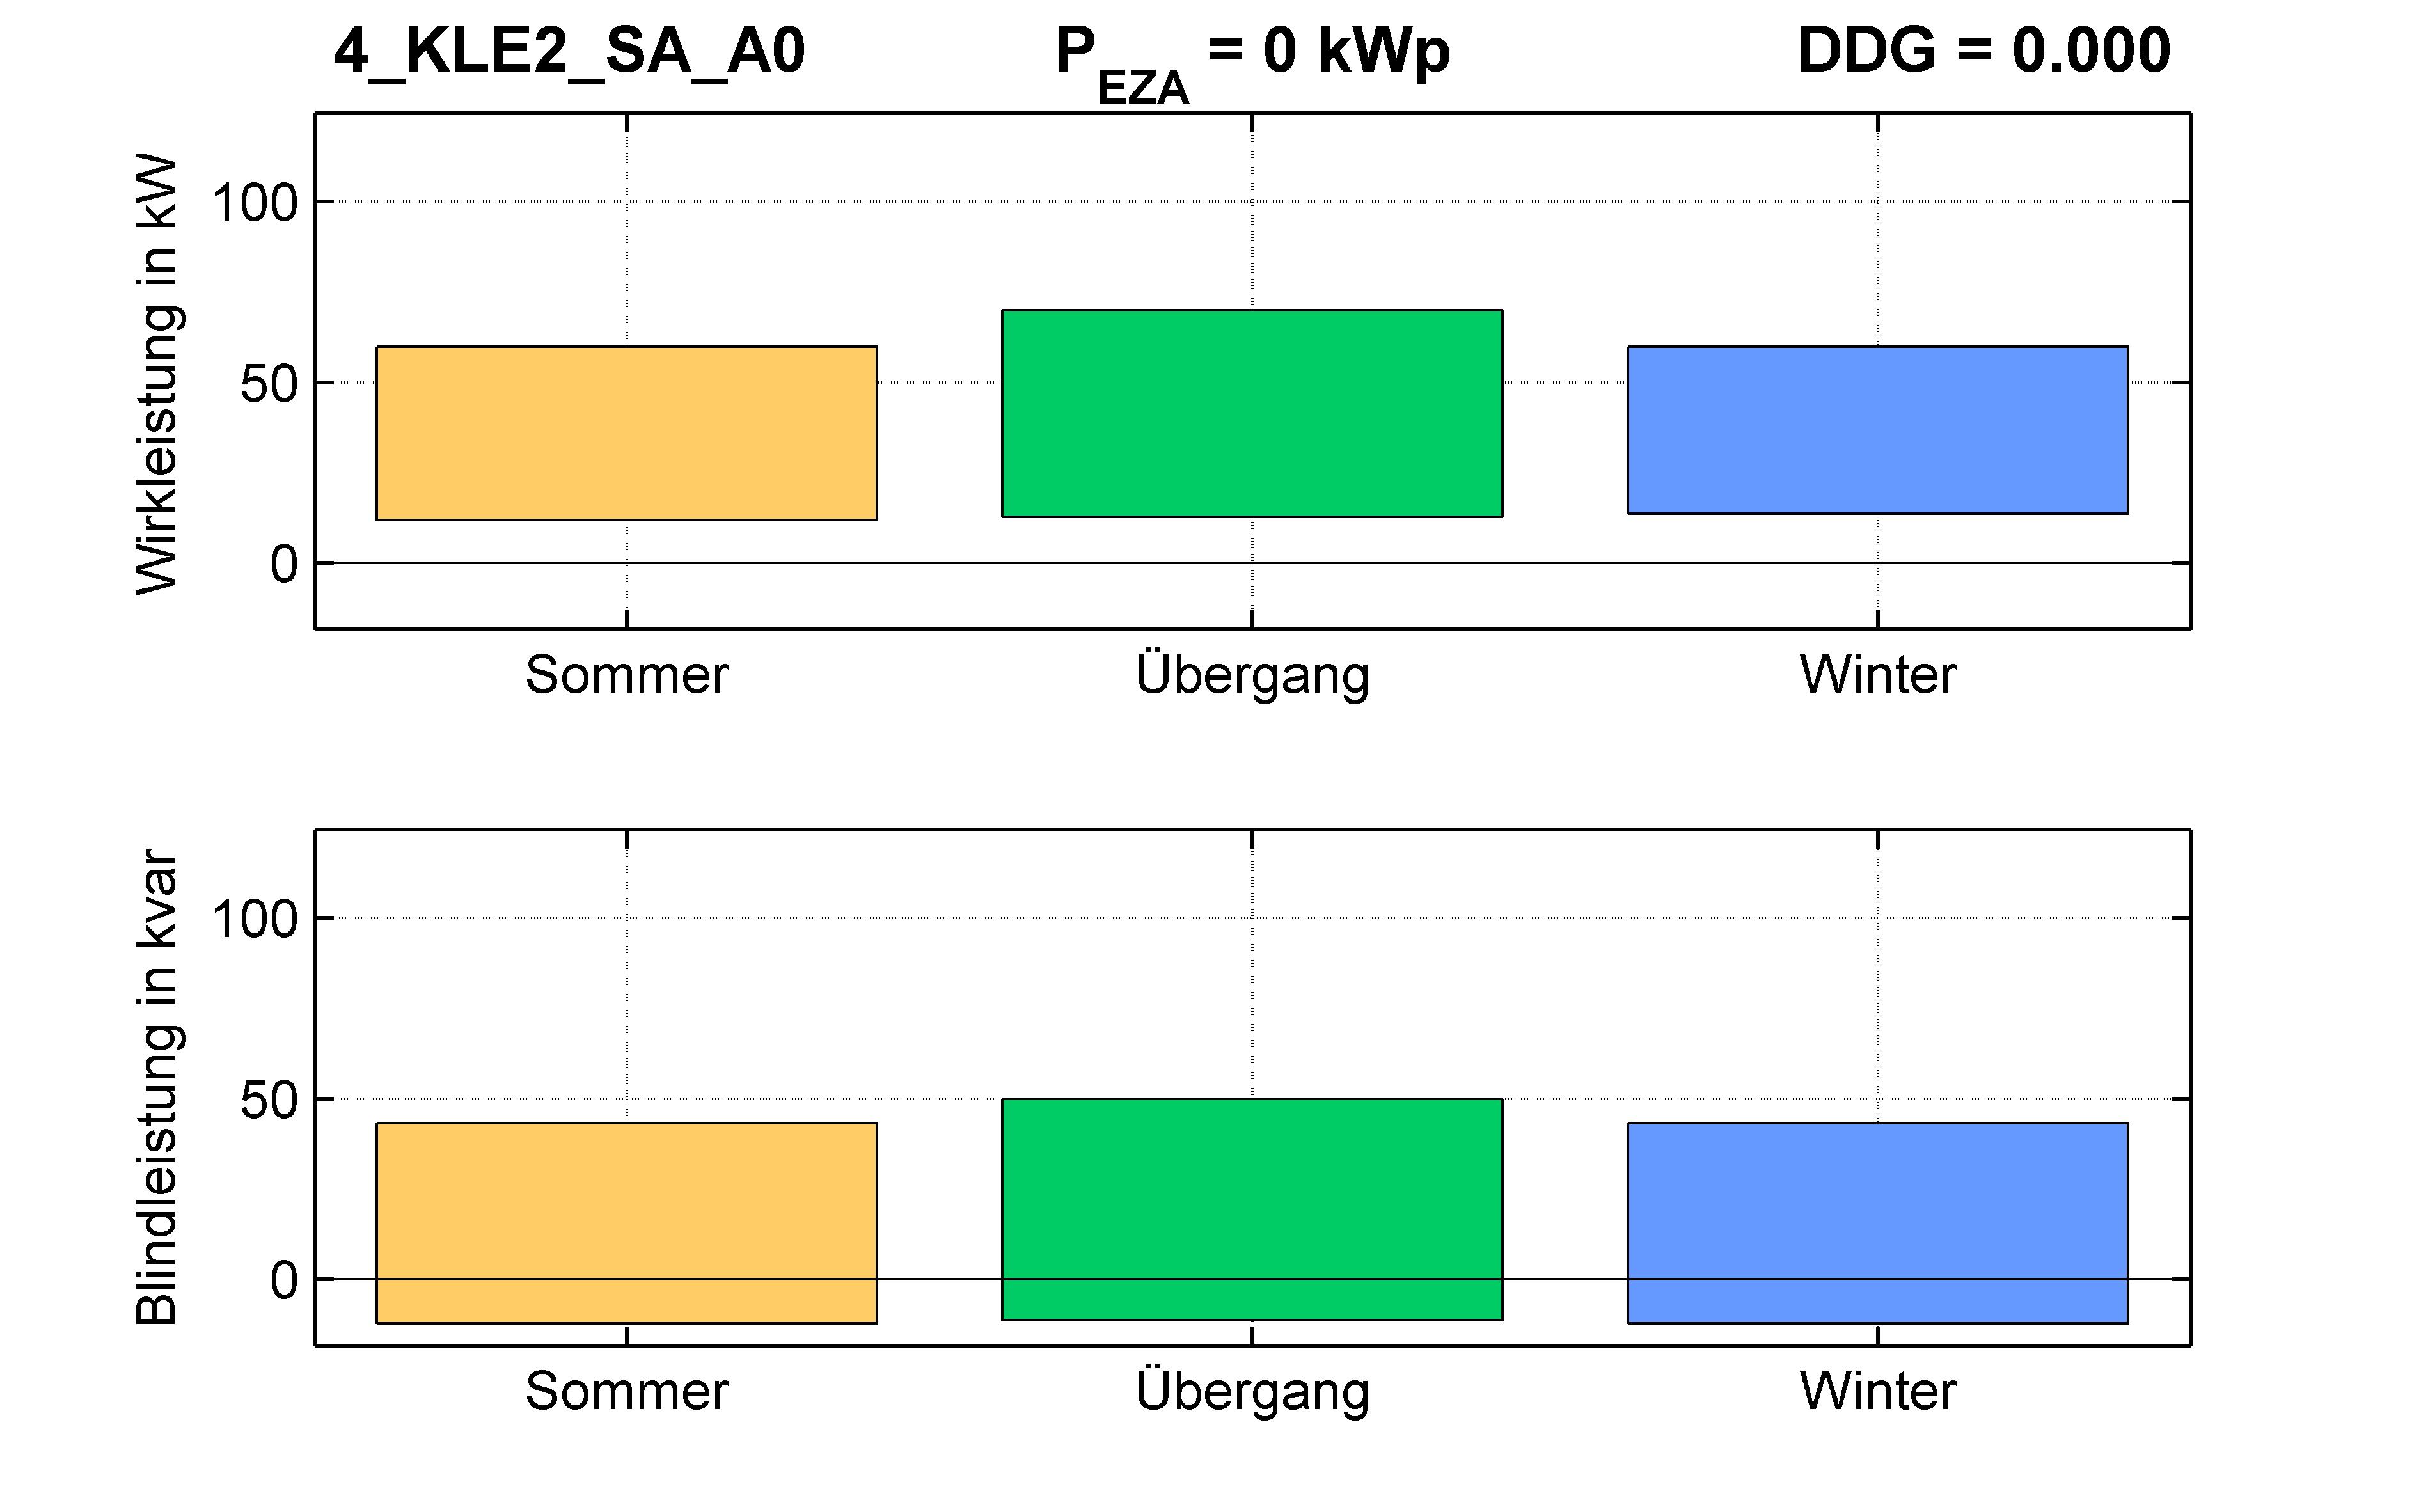 KLE2 | P-Kappung 55% (SA) A0 | PQ-Bilanz